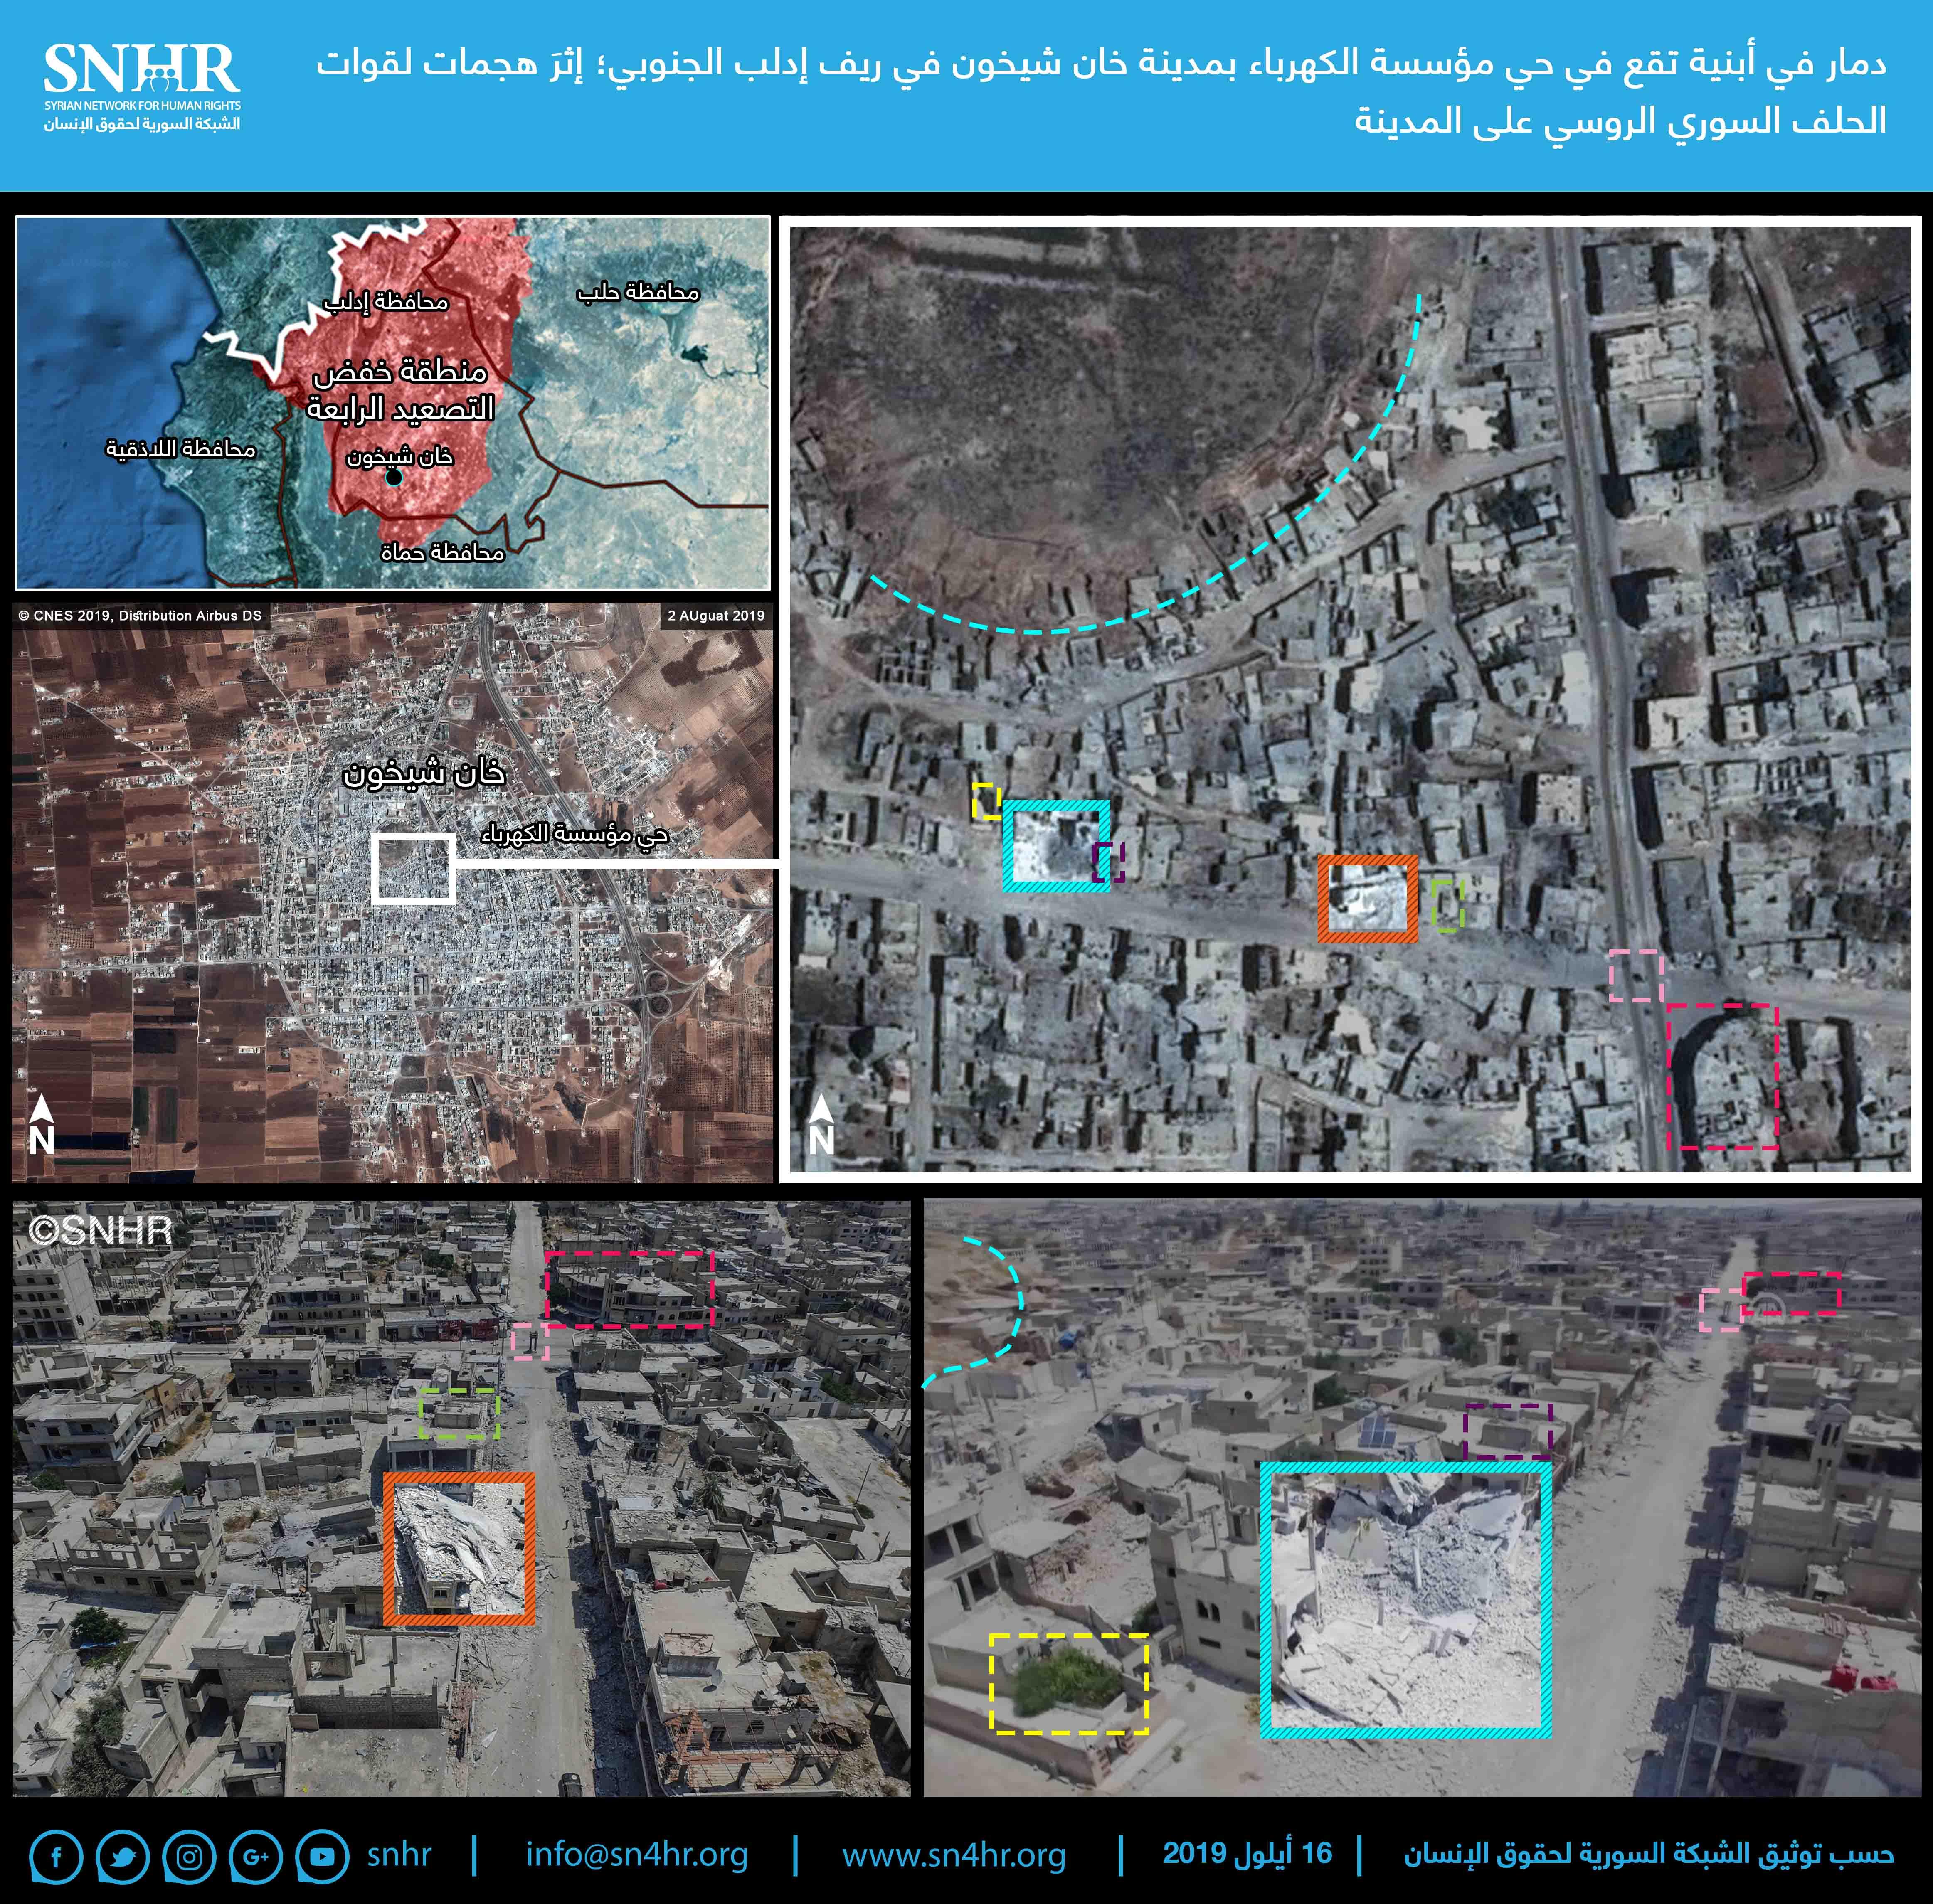 خريطة لتقدم النظام السوري بمحيط خان شيخون جنوب إدلب ووصوله للطريق الدولي حلب - دمشق